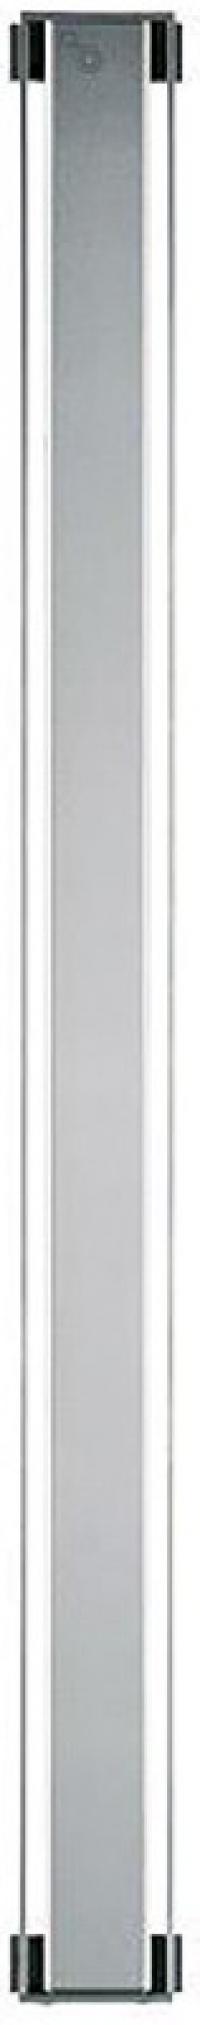 grille à carreler réversible 100 mm